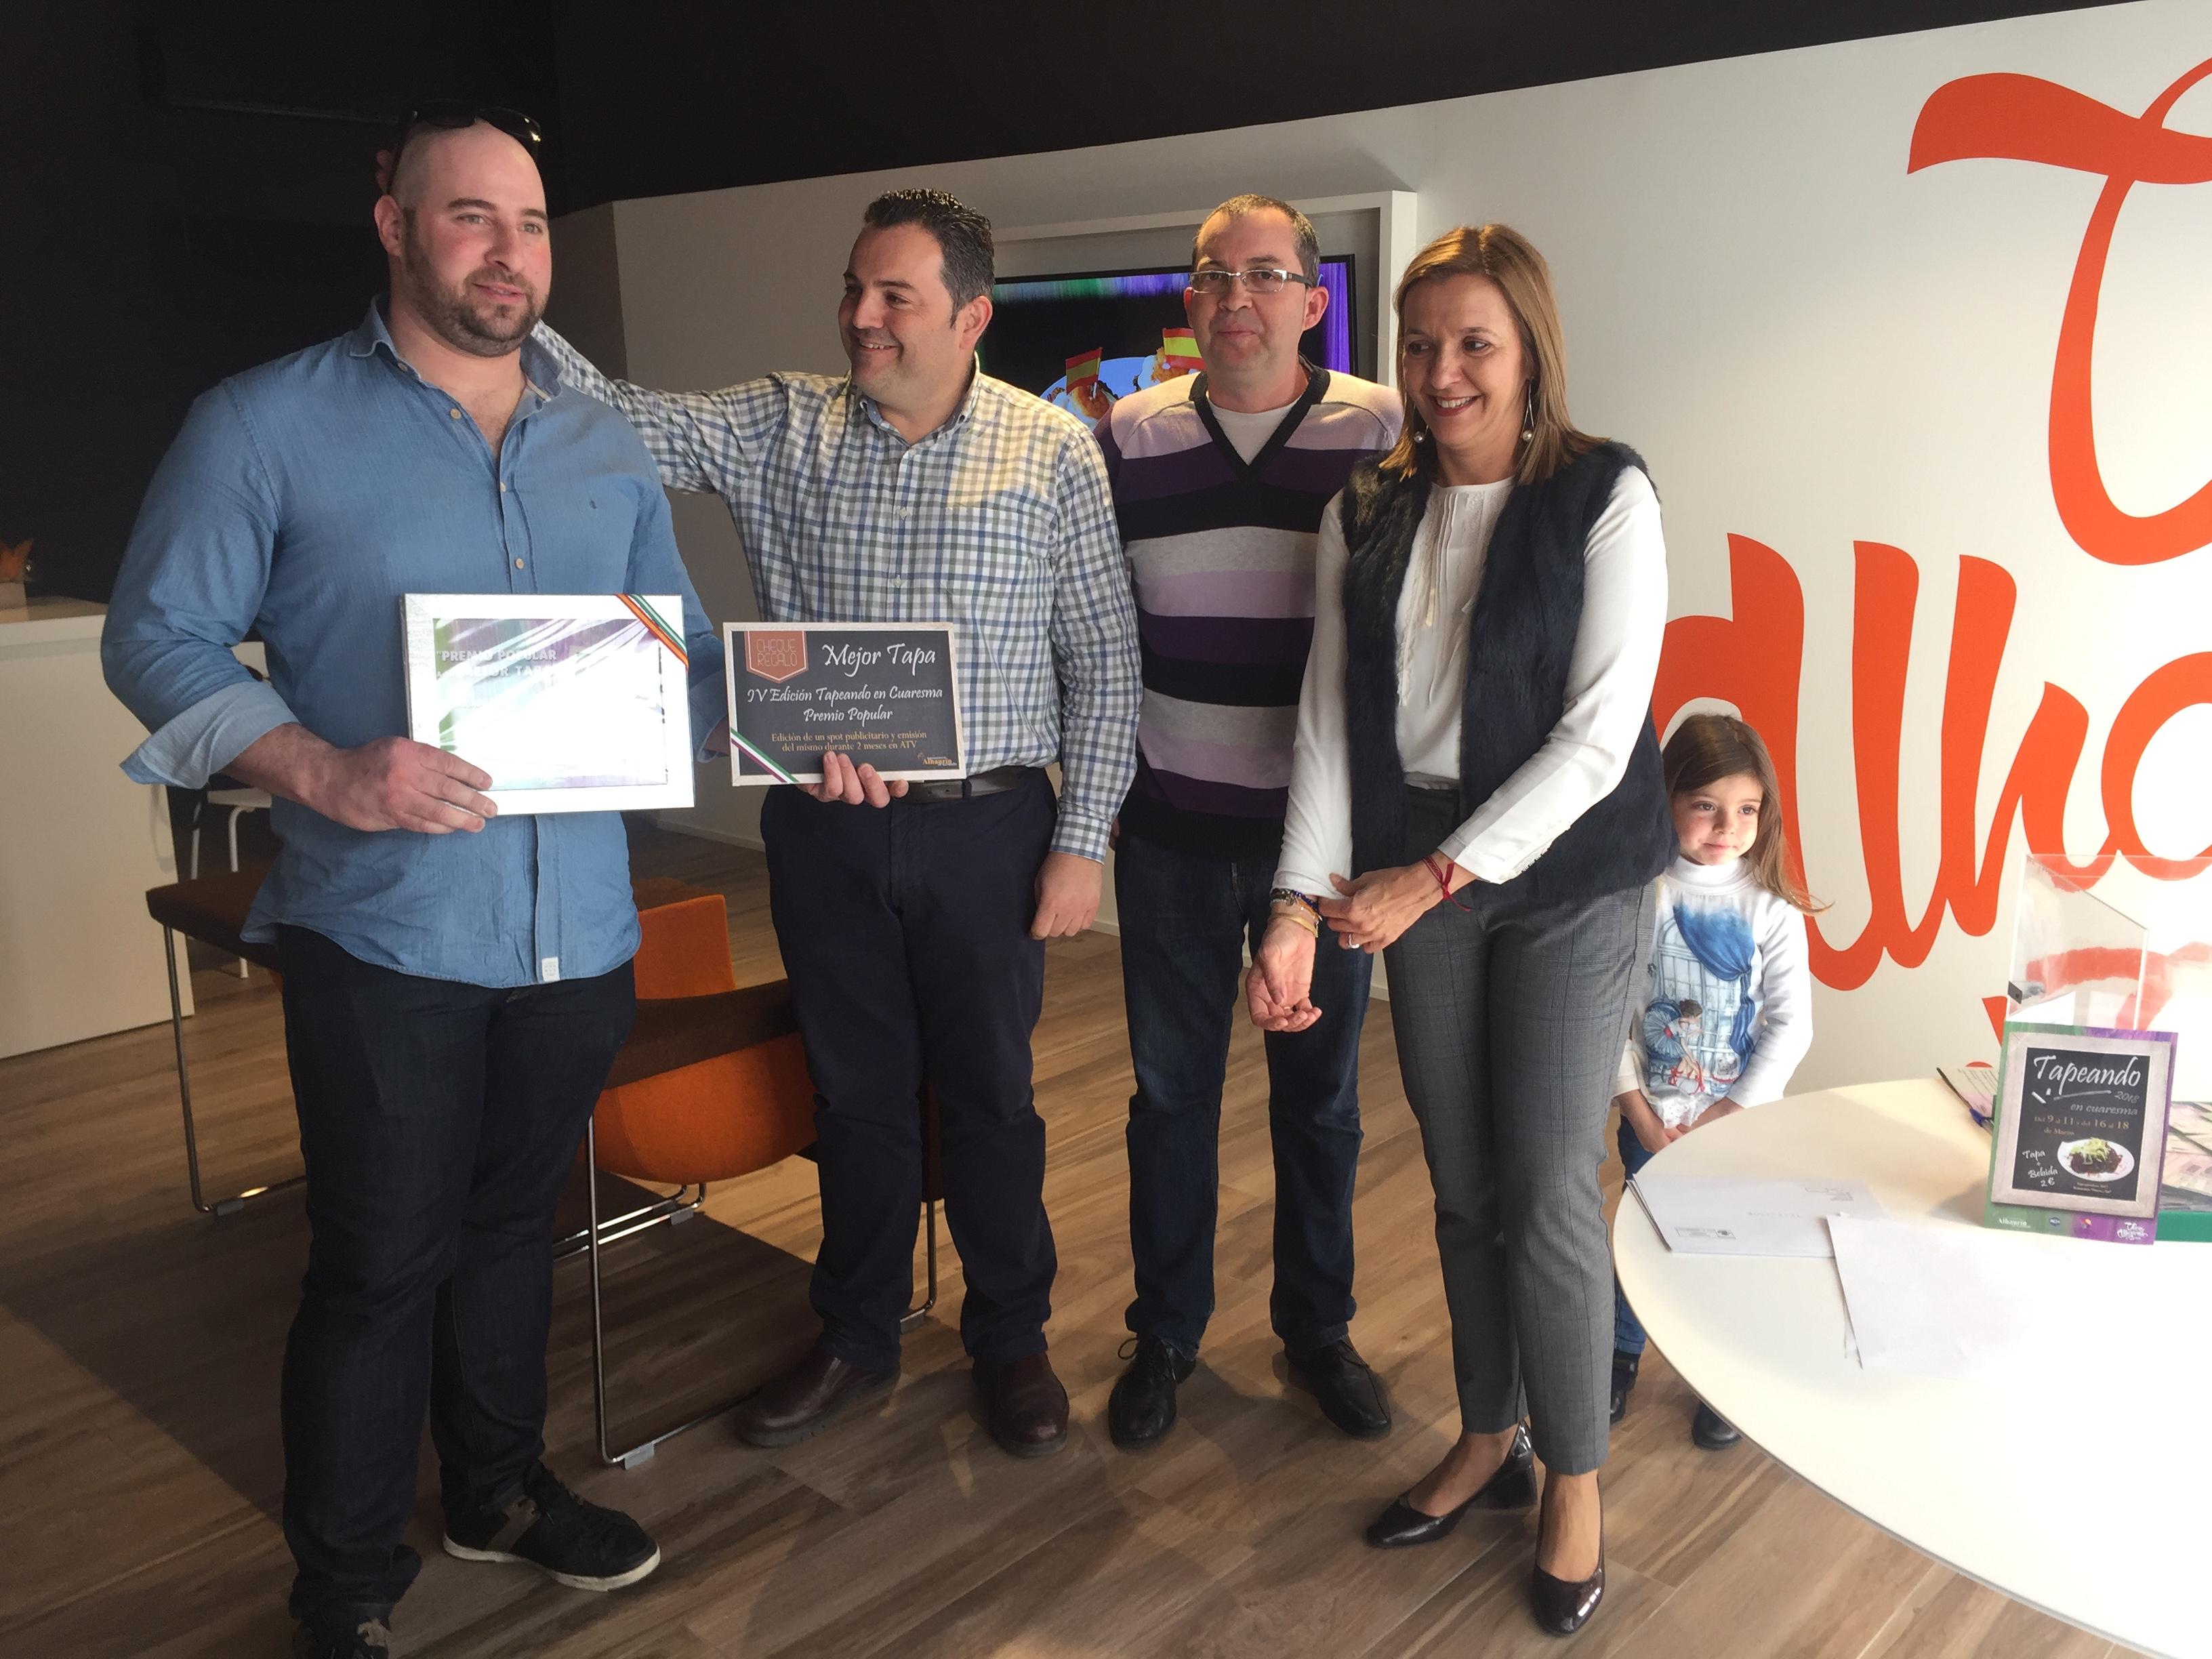 Ganadores de la IV edición de Tapeando en Cuaresma de Alhaurín el Grande